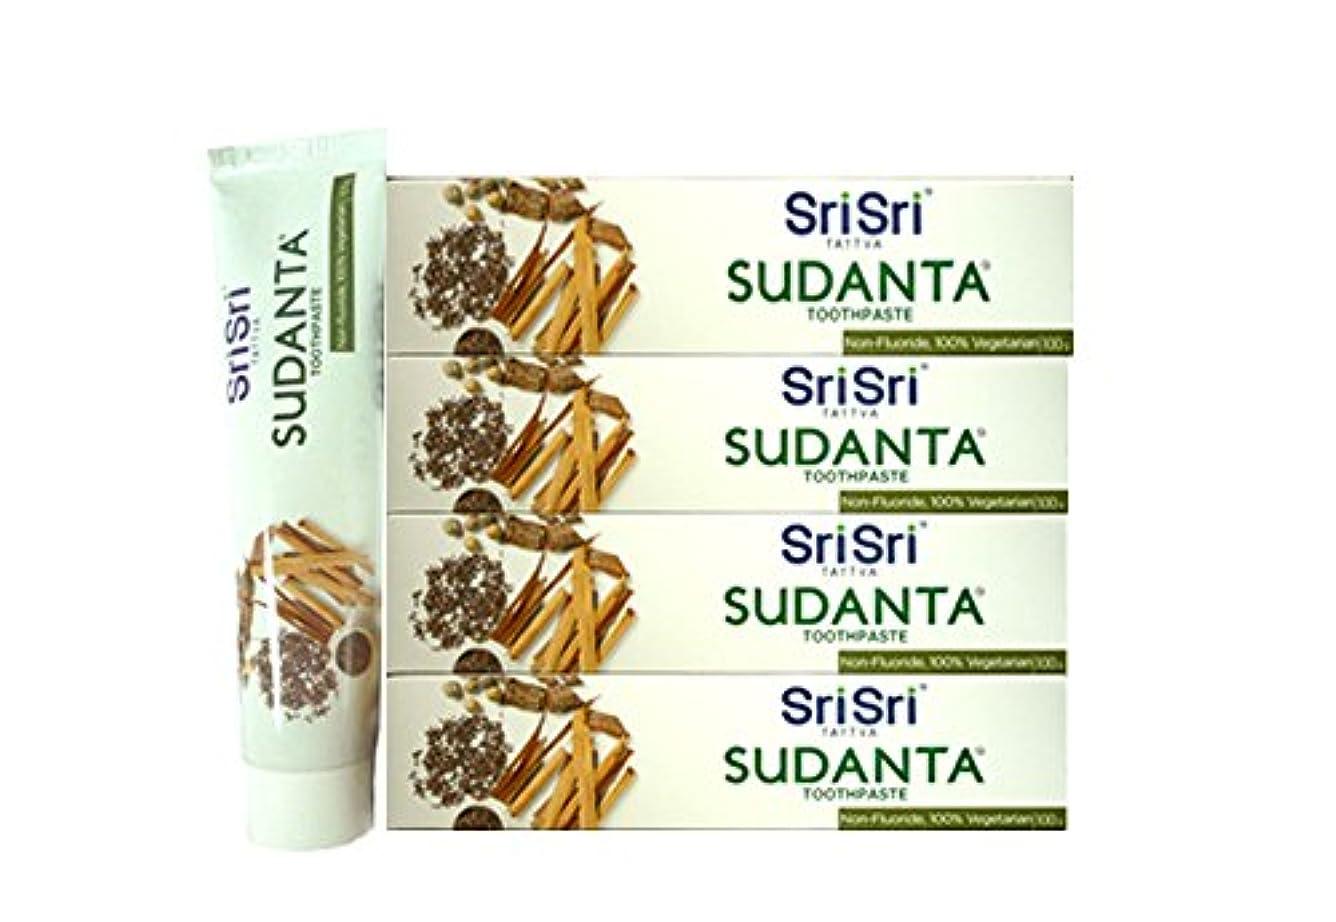 法王慈悲グローシュリ シュリ アーユルヴェーダ スダンタ 磨き粉 100g*4SET Sri Sri Ayurveda sudanta toothPaste